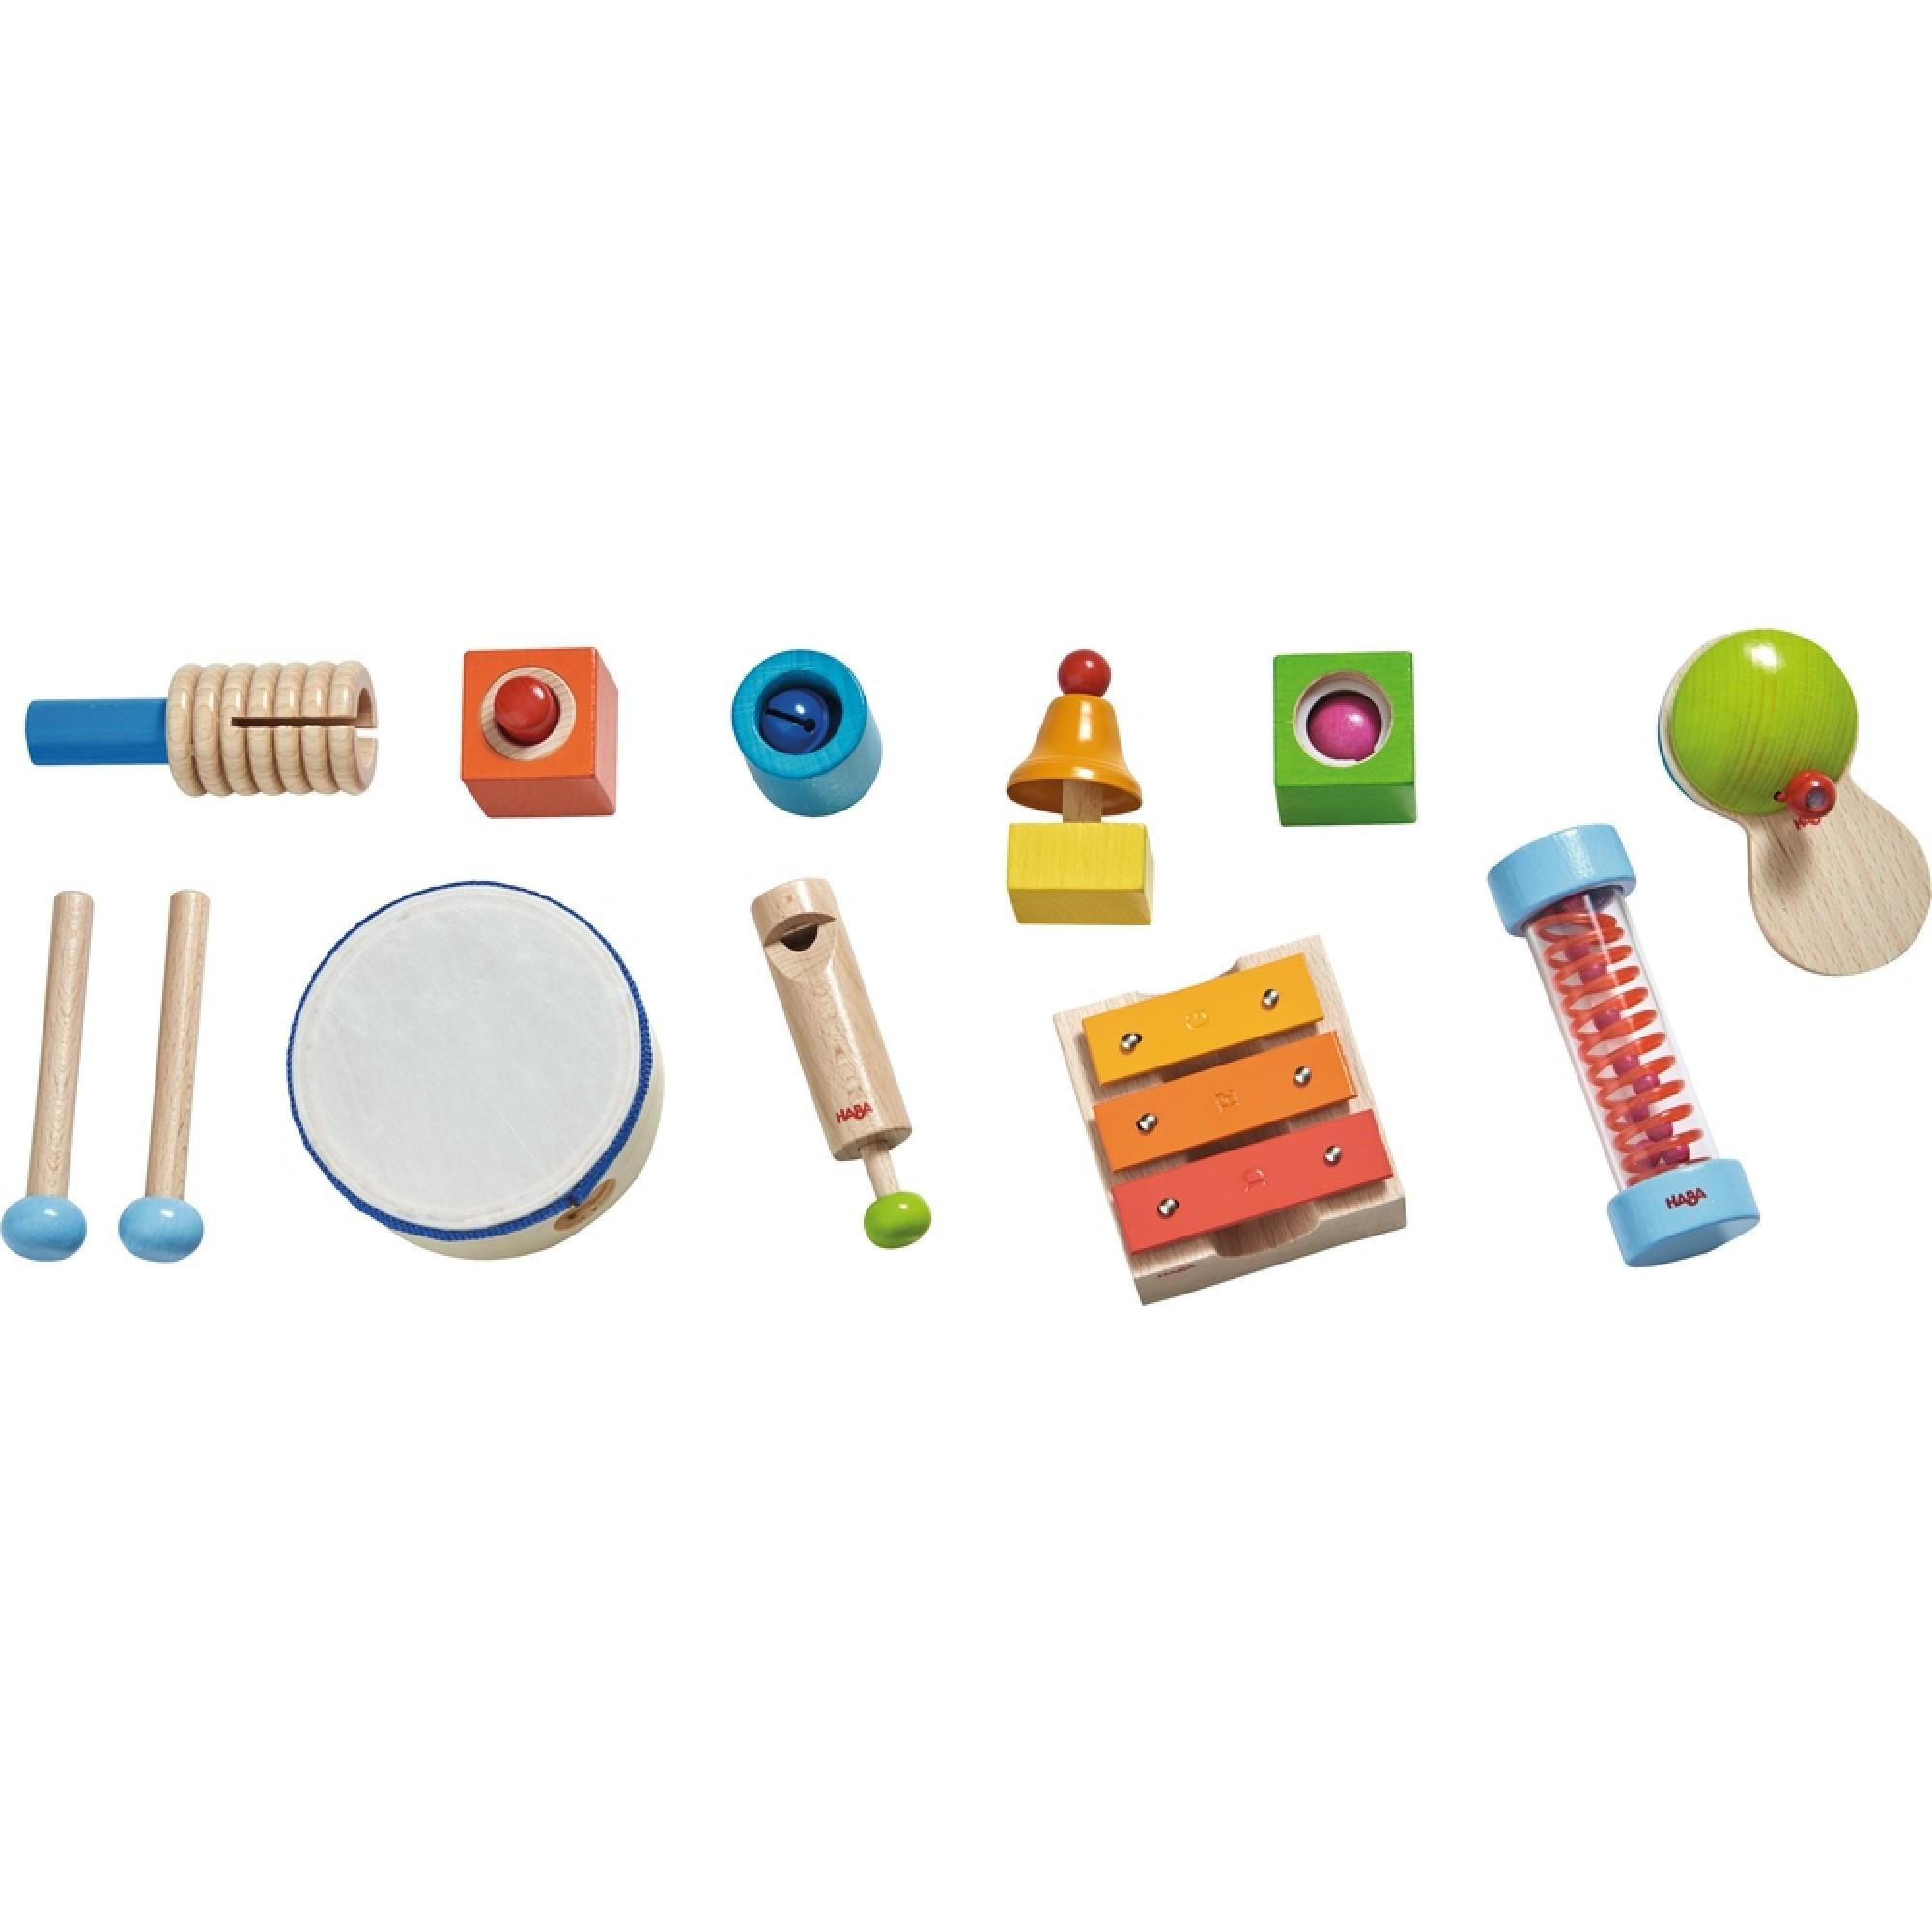 Set instrumente muzicale, 2 ani+, HABA